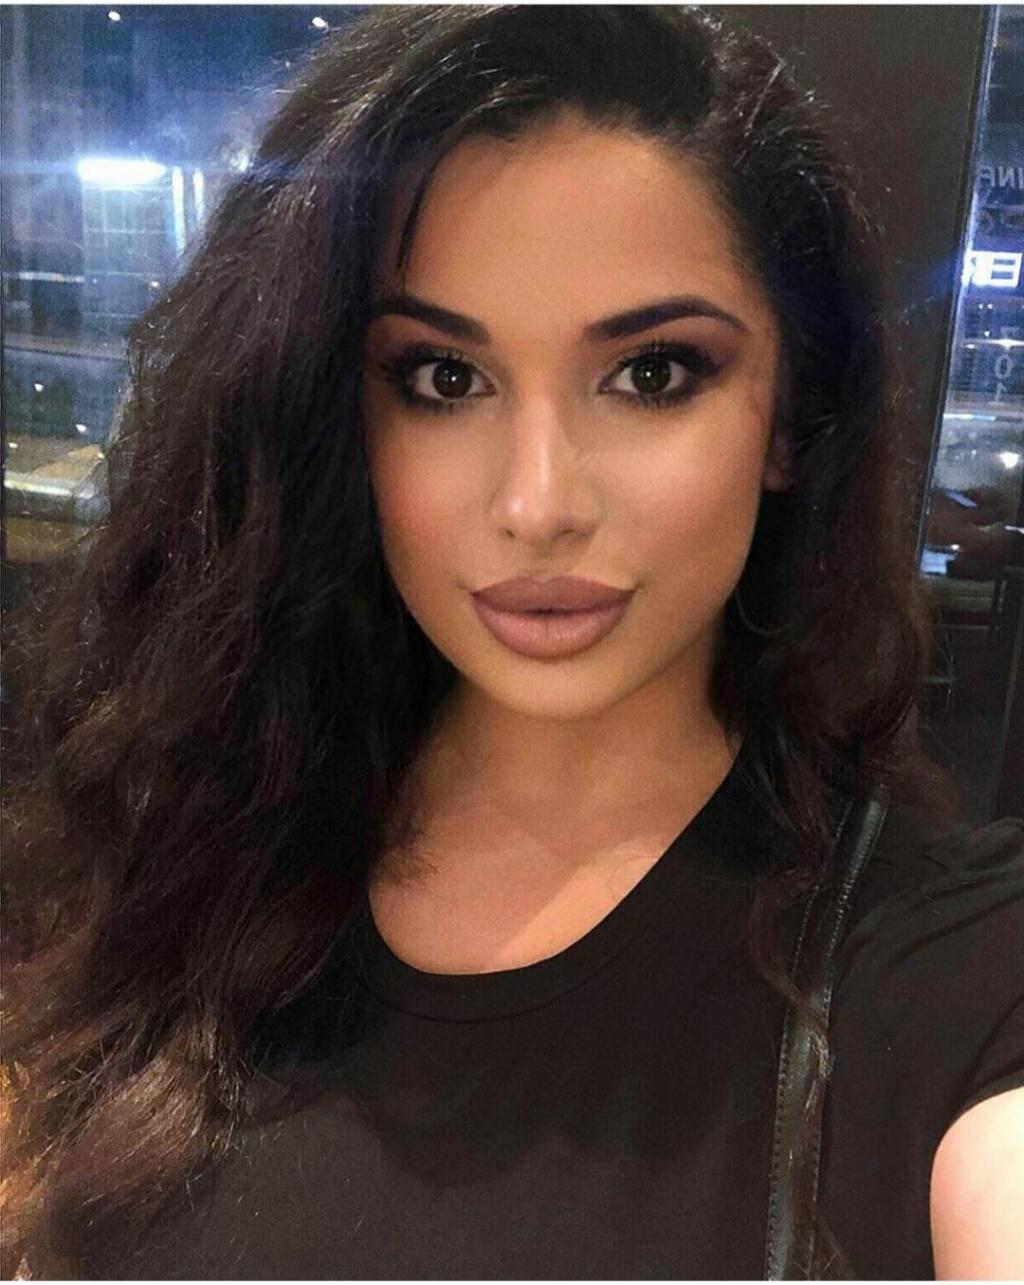 DEBATE sobre belleza, guapura y hermosura (fotos de chicas latinas, mestizas, y de todo) - VOL II Img_1130